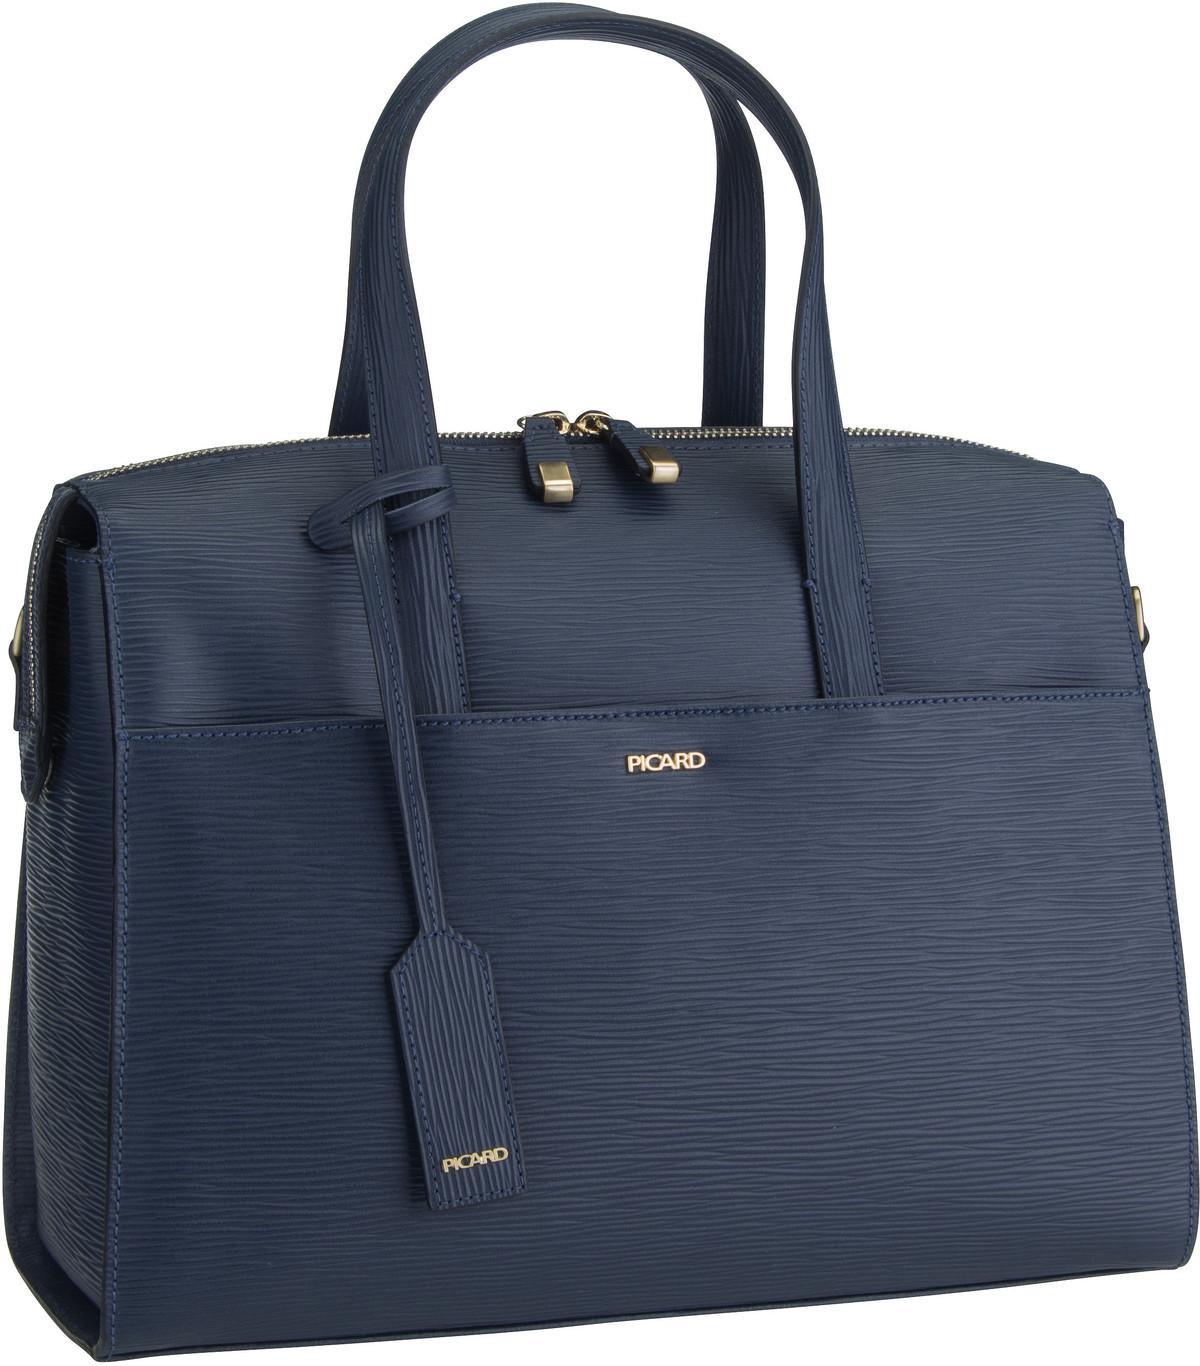 Handtasche Vanity 4831 Navy